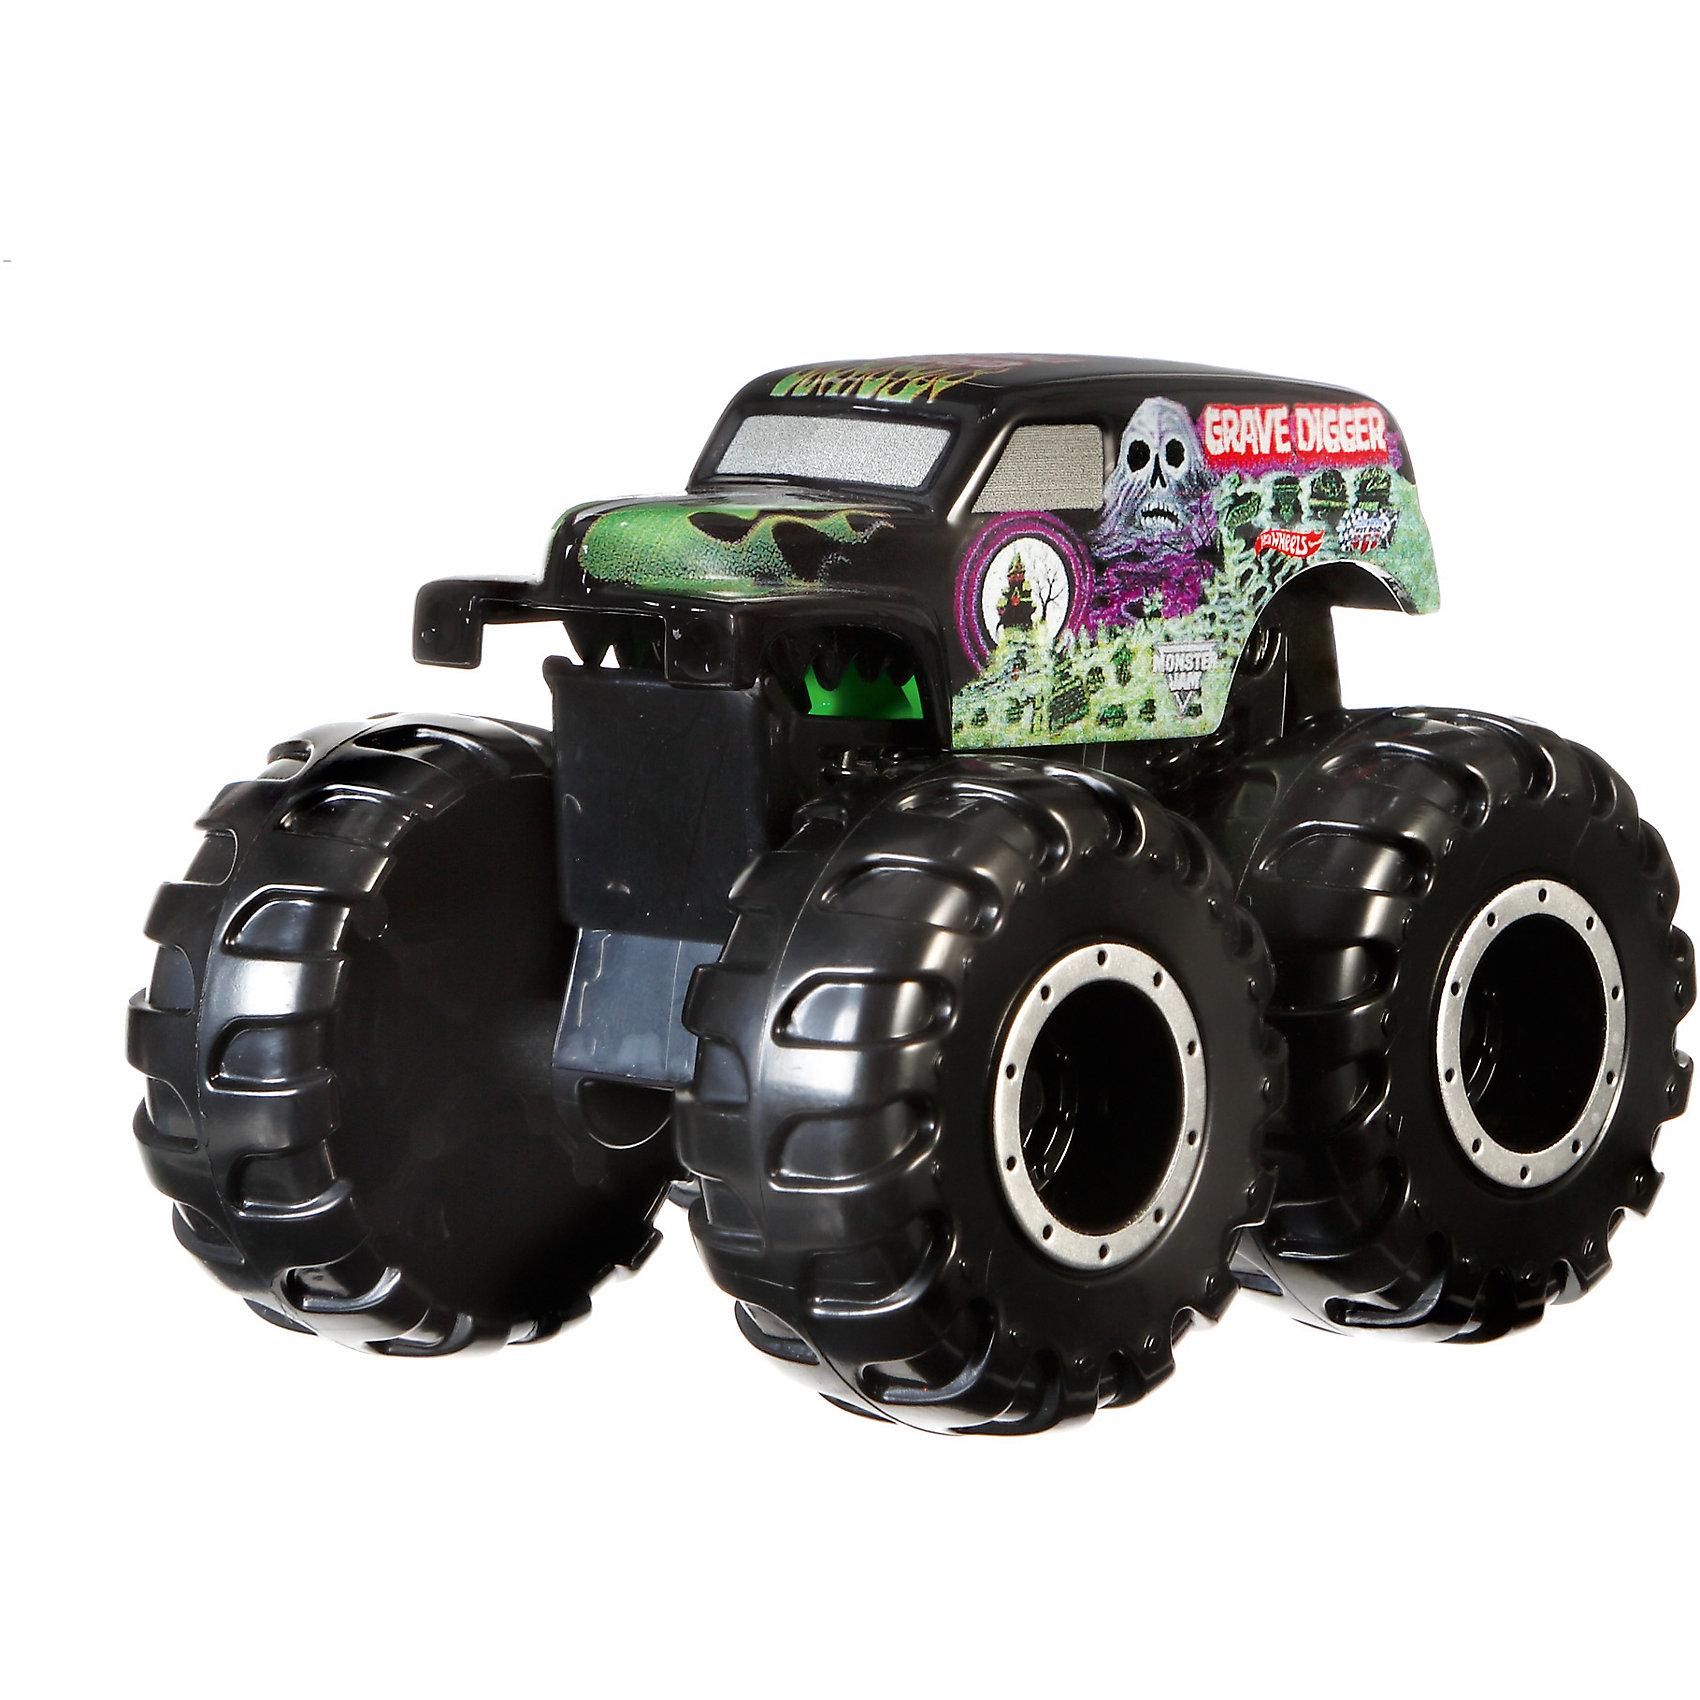 Машинка - мутант серии Monster Jam, Hot WheelsПопулярные игрушки<br>Машинка – мутант – не простая игрушка на колесах, а настоящее чудо техники, которое увлечет любого малыша. Все машинки выполнены из пластика, который не боится ударов и падения игрушки с высоты. Колеса имеют большой размер, что позволяет машинке беспрепятственно передвигаться по любым поверхностям. Корпус машинки поднимается вверх. Машинка упакована в плотную картонную коробку с включением пластика. Материалы, использованные при изготовлении игрушек, полностью безопасны для детей и отвечают всем требованиям по качеству.<br><br>Дополнительная информация: <br><br>цвет: разноцветный;<br>материал: пластик.<br><br>Машинку - мутант серии Monster Jam,из серии  Hot Wheels, от компании Mattel можно приобрести в нашем магазине.<br><br>Ширина мм: 65<br>Глубина мм: 140<br>Высота мм: 215<br>Вес г: 166<br>Возраст от месяцев: 48<br>Возраст до месяцев: 120<br>Пол: Мужской<br>Возраст: Детский<br>SKU: 5004451